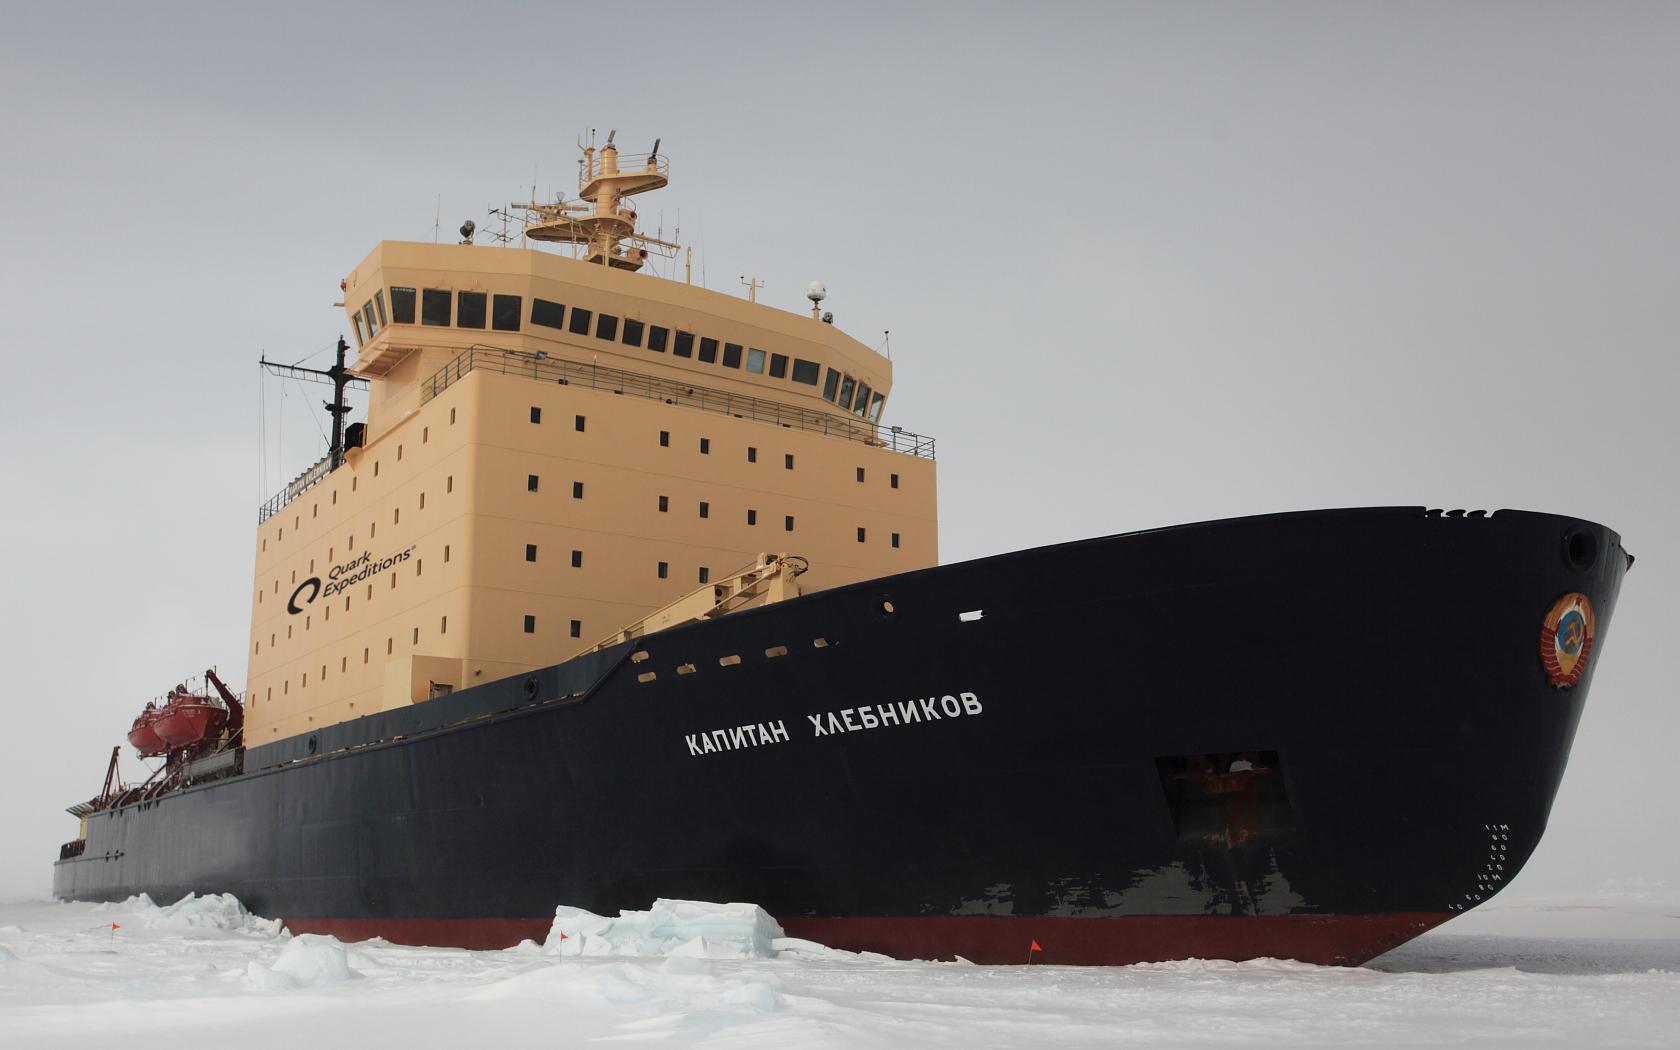 Kapitan Khlebnikov Cruise365